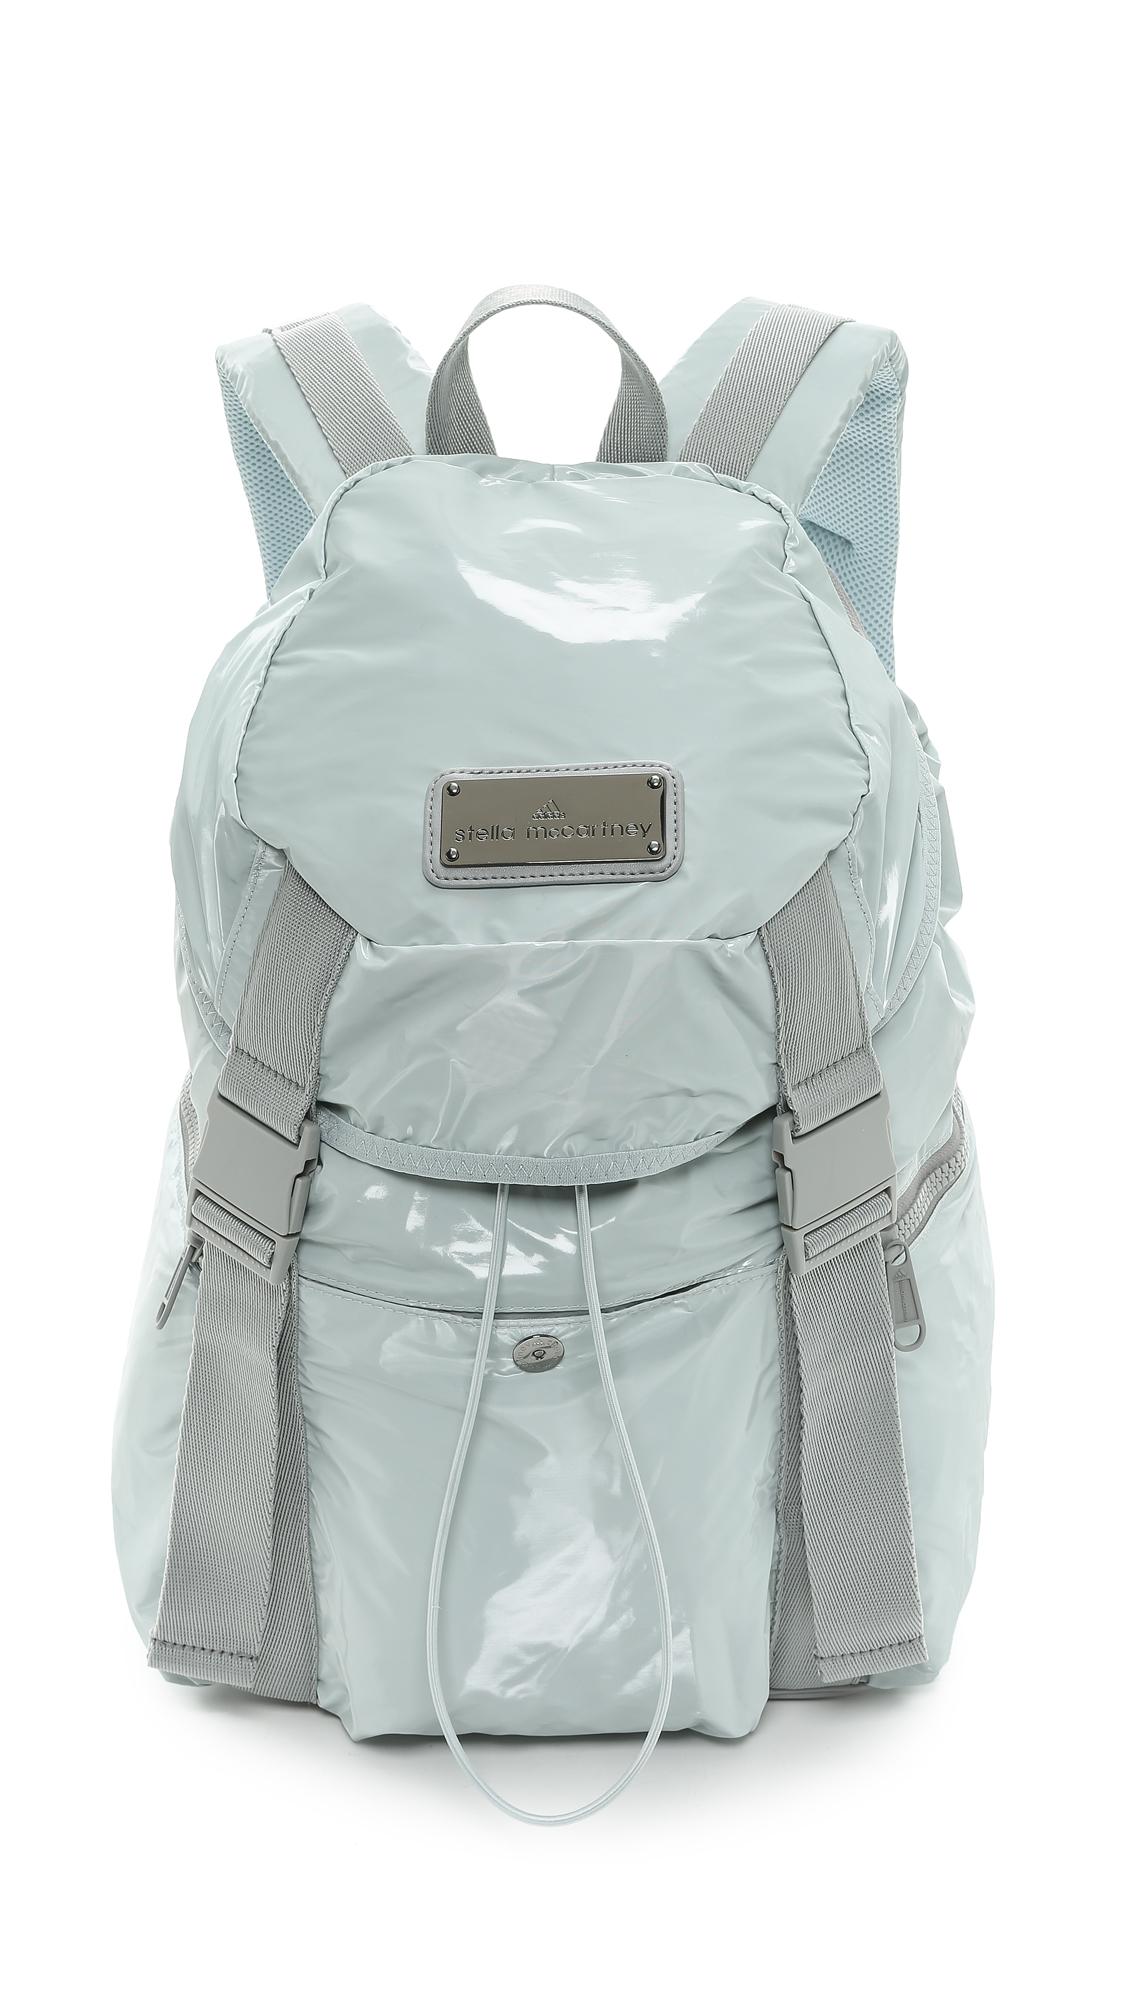 3f7f0daacef2 Lyst - adidas By Stella McCartney Weekender Backpack - Eggshell in Blue